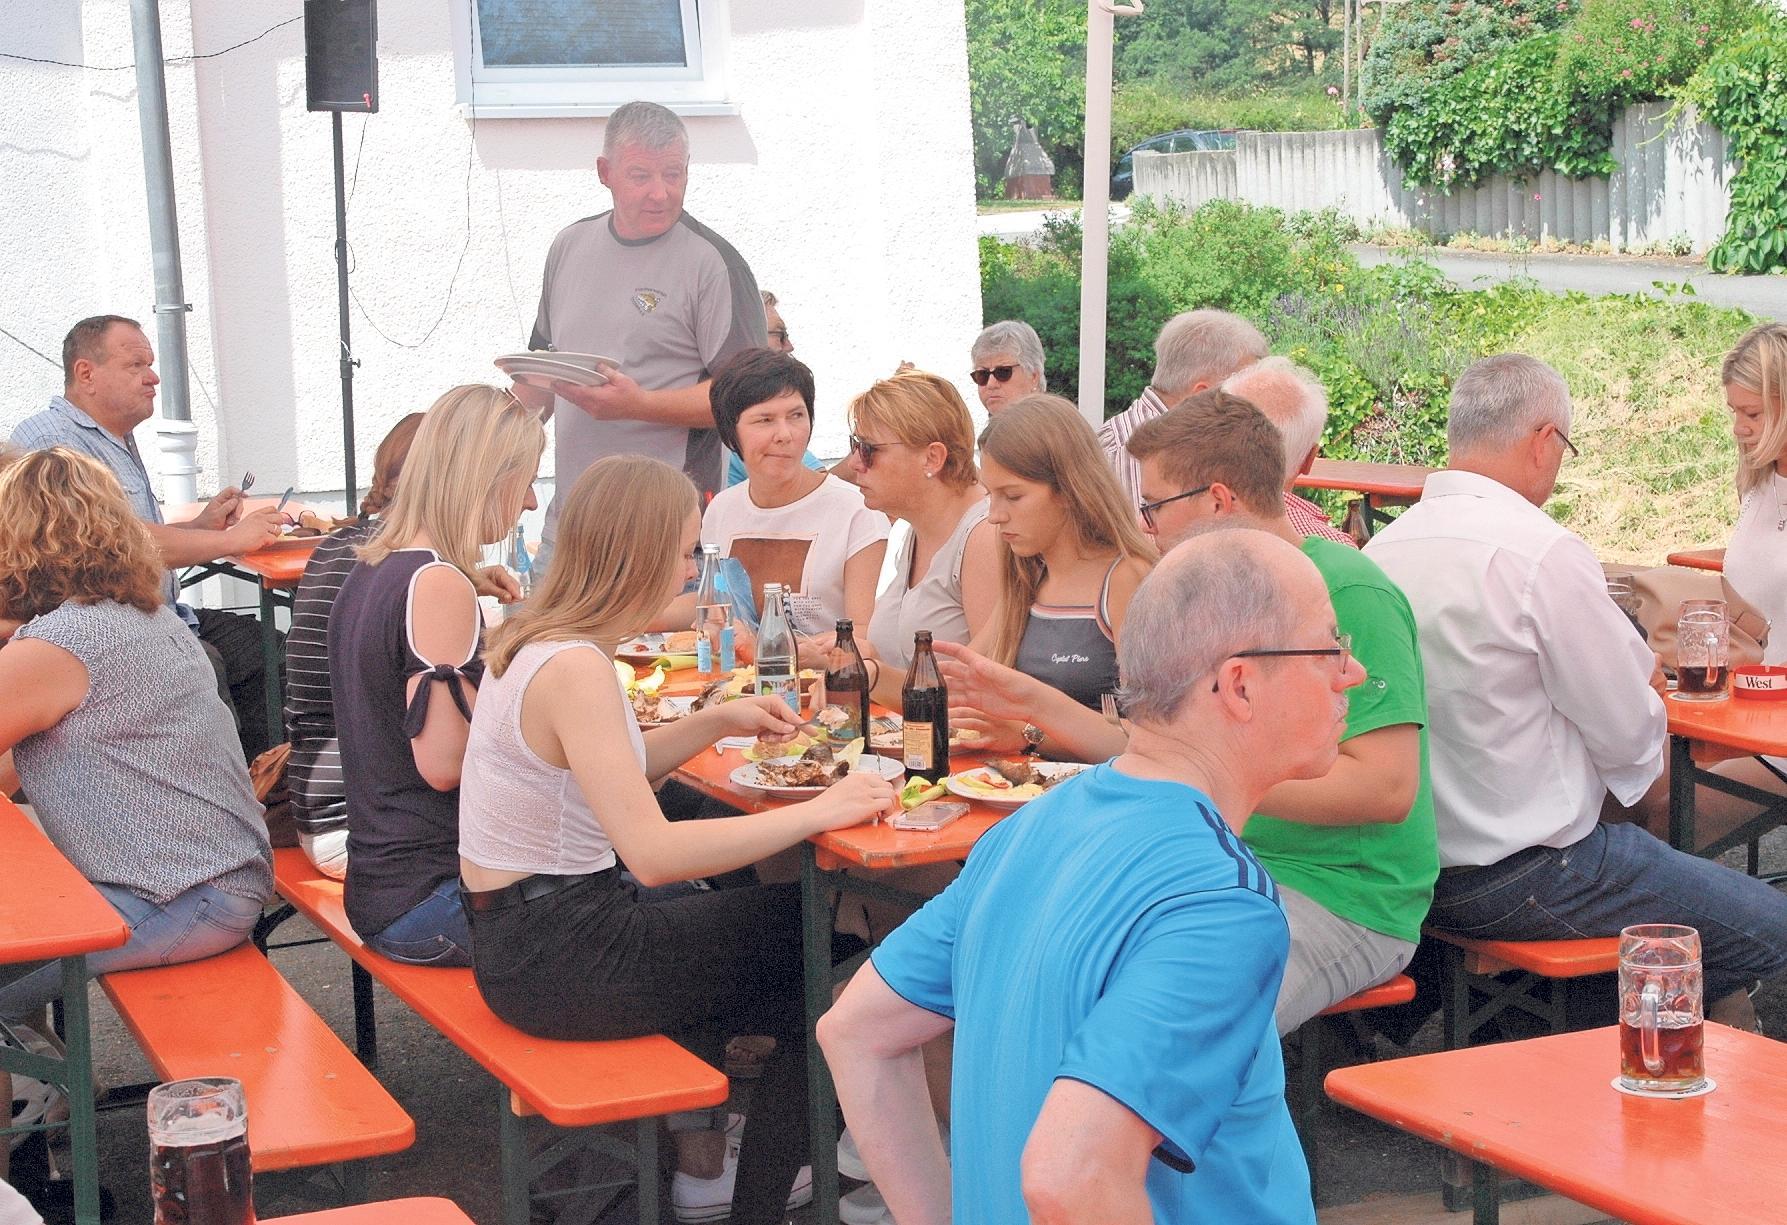 Biertischgarnituren unter Schatten spendenden Sonnenschirmen sorgen zusammen mit gutem Essen und kühlem Bier für Gemütlichkeit.